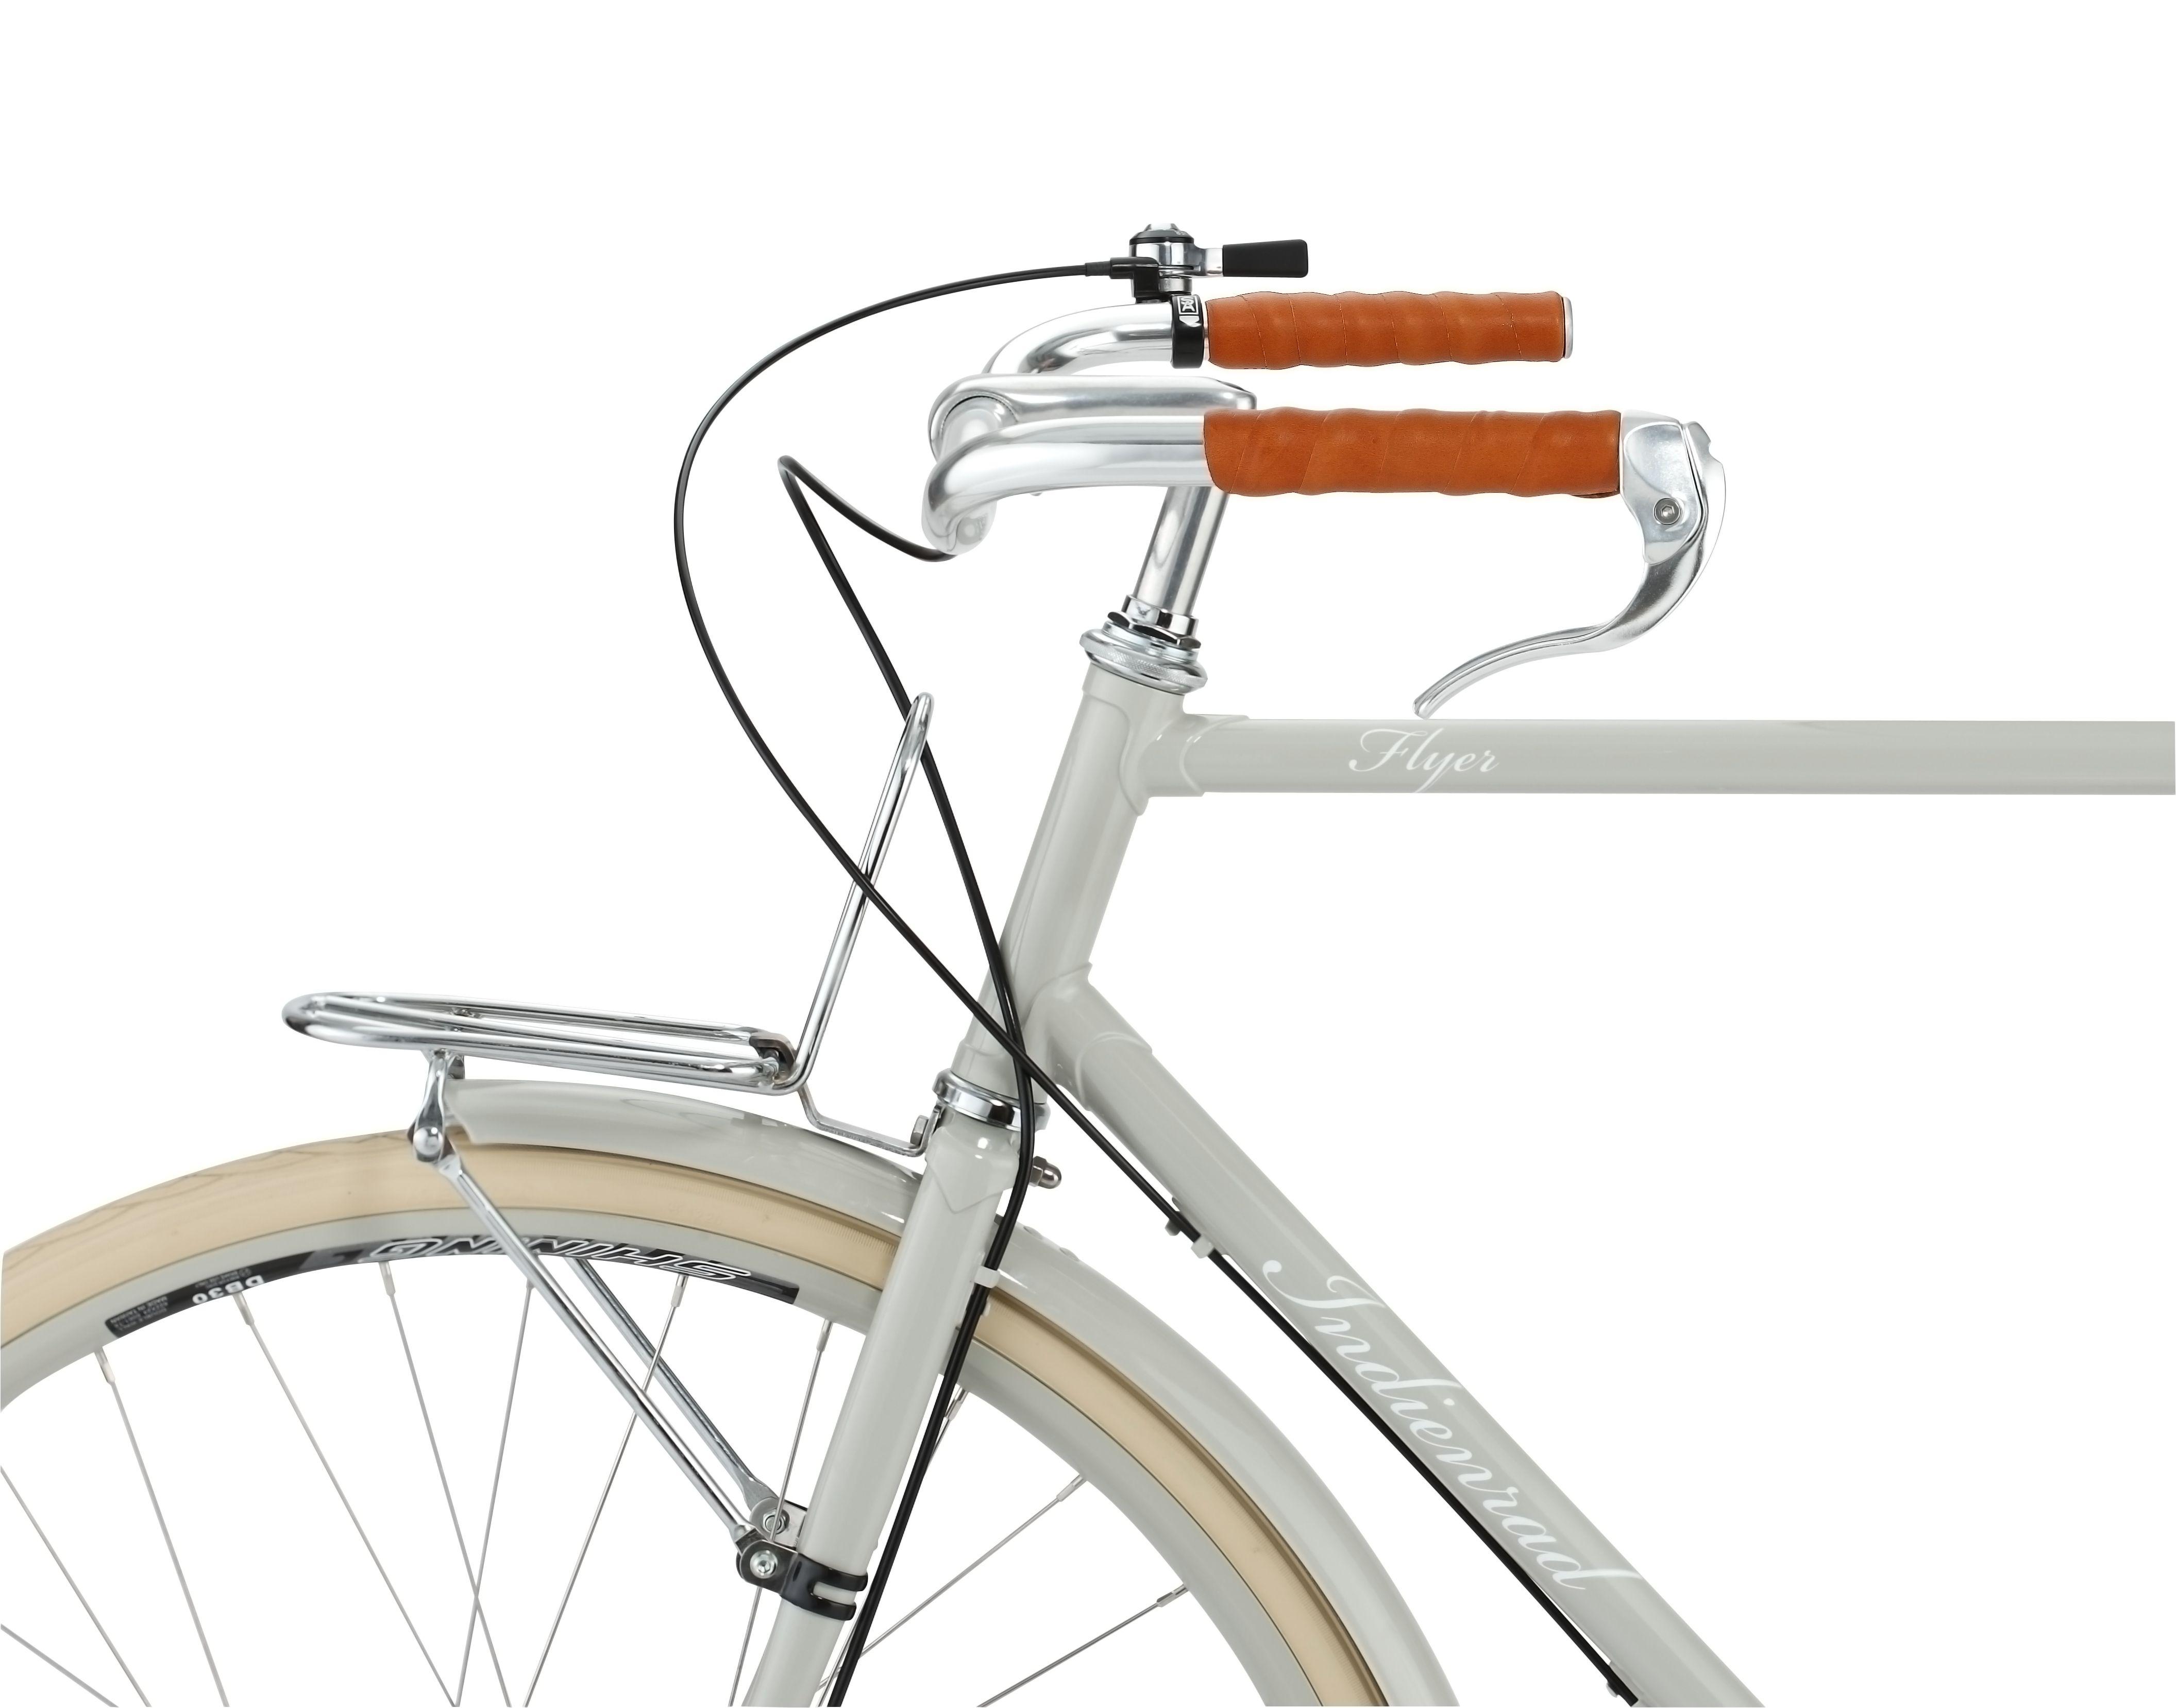 Indienrad Flyer Fronttrager Rad Retro Fahrrad Fahrrad